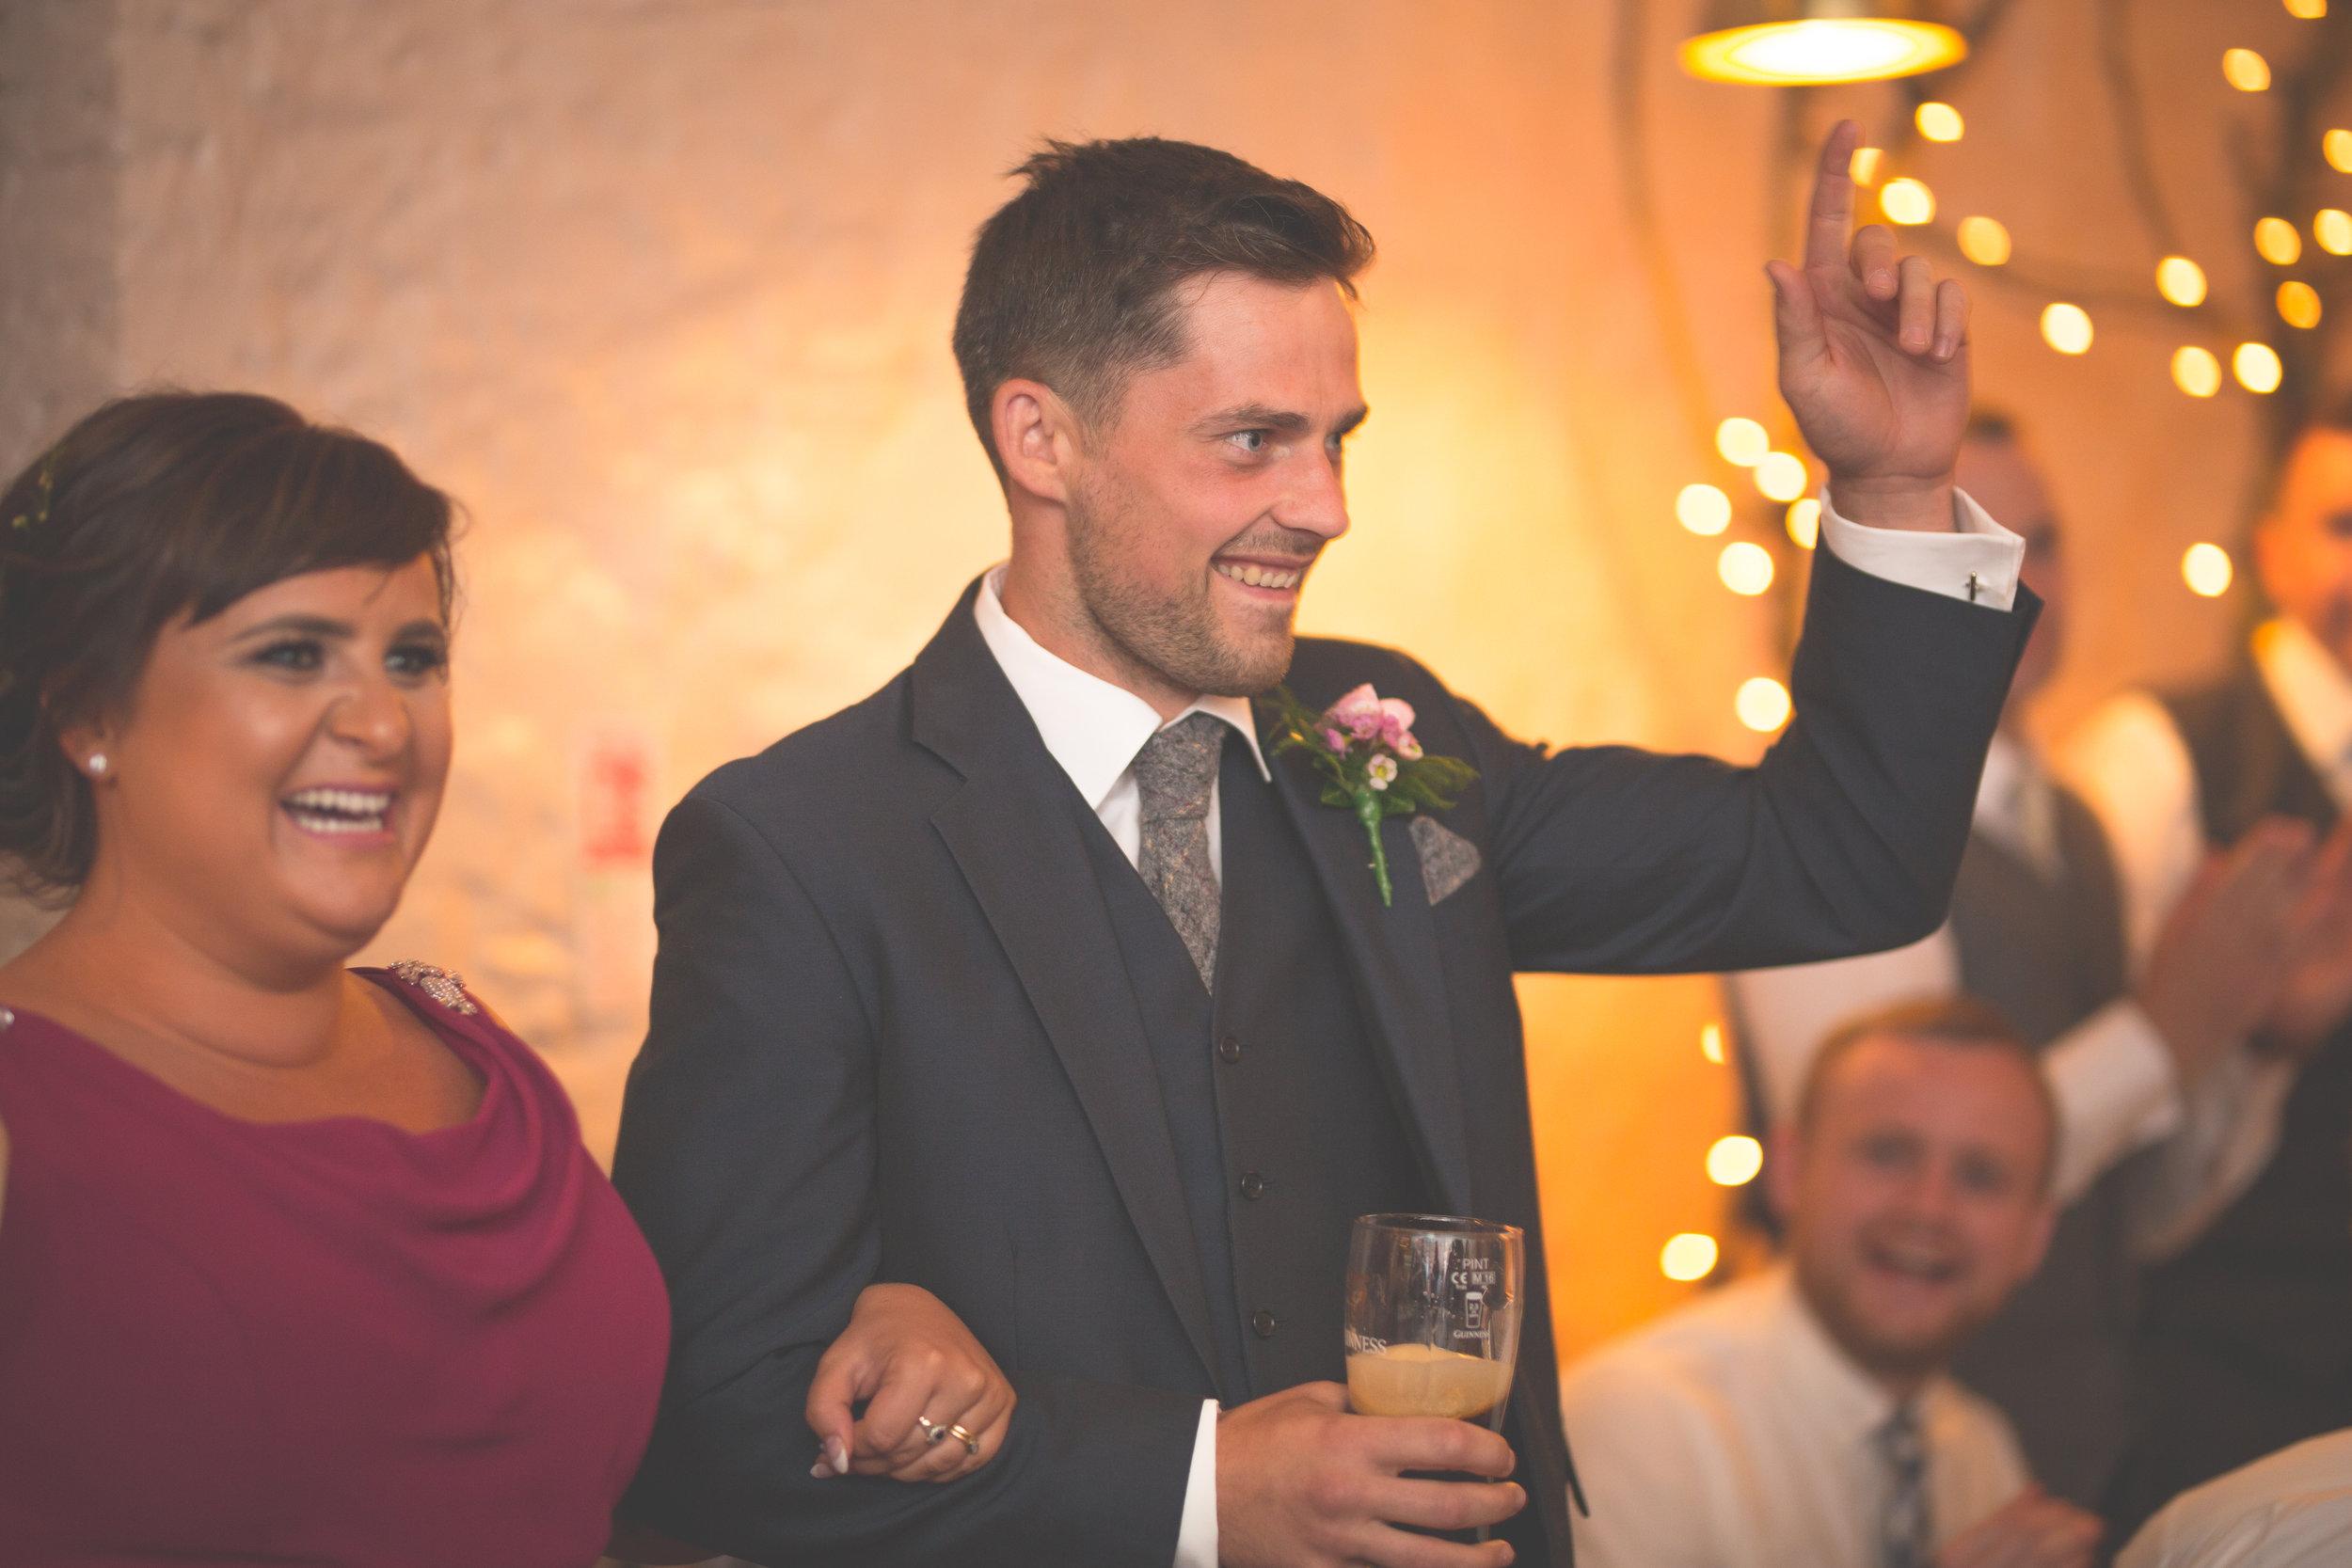 Brian McEwan Wedding Photography | Carol-Anne & Sean | The Speeches-45.jpg